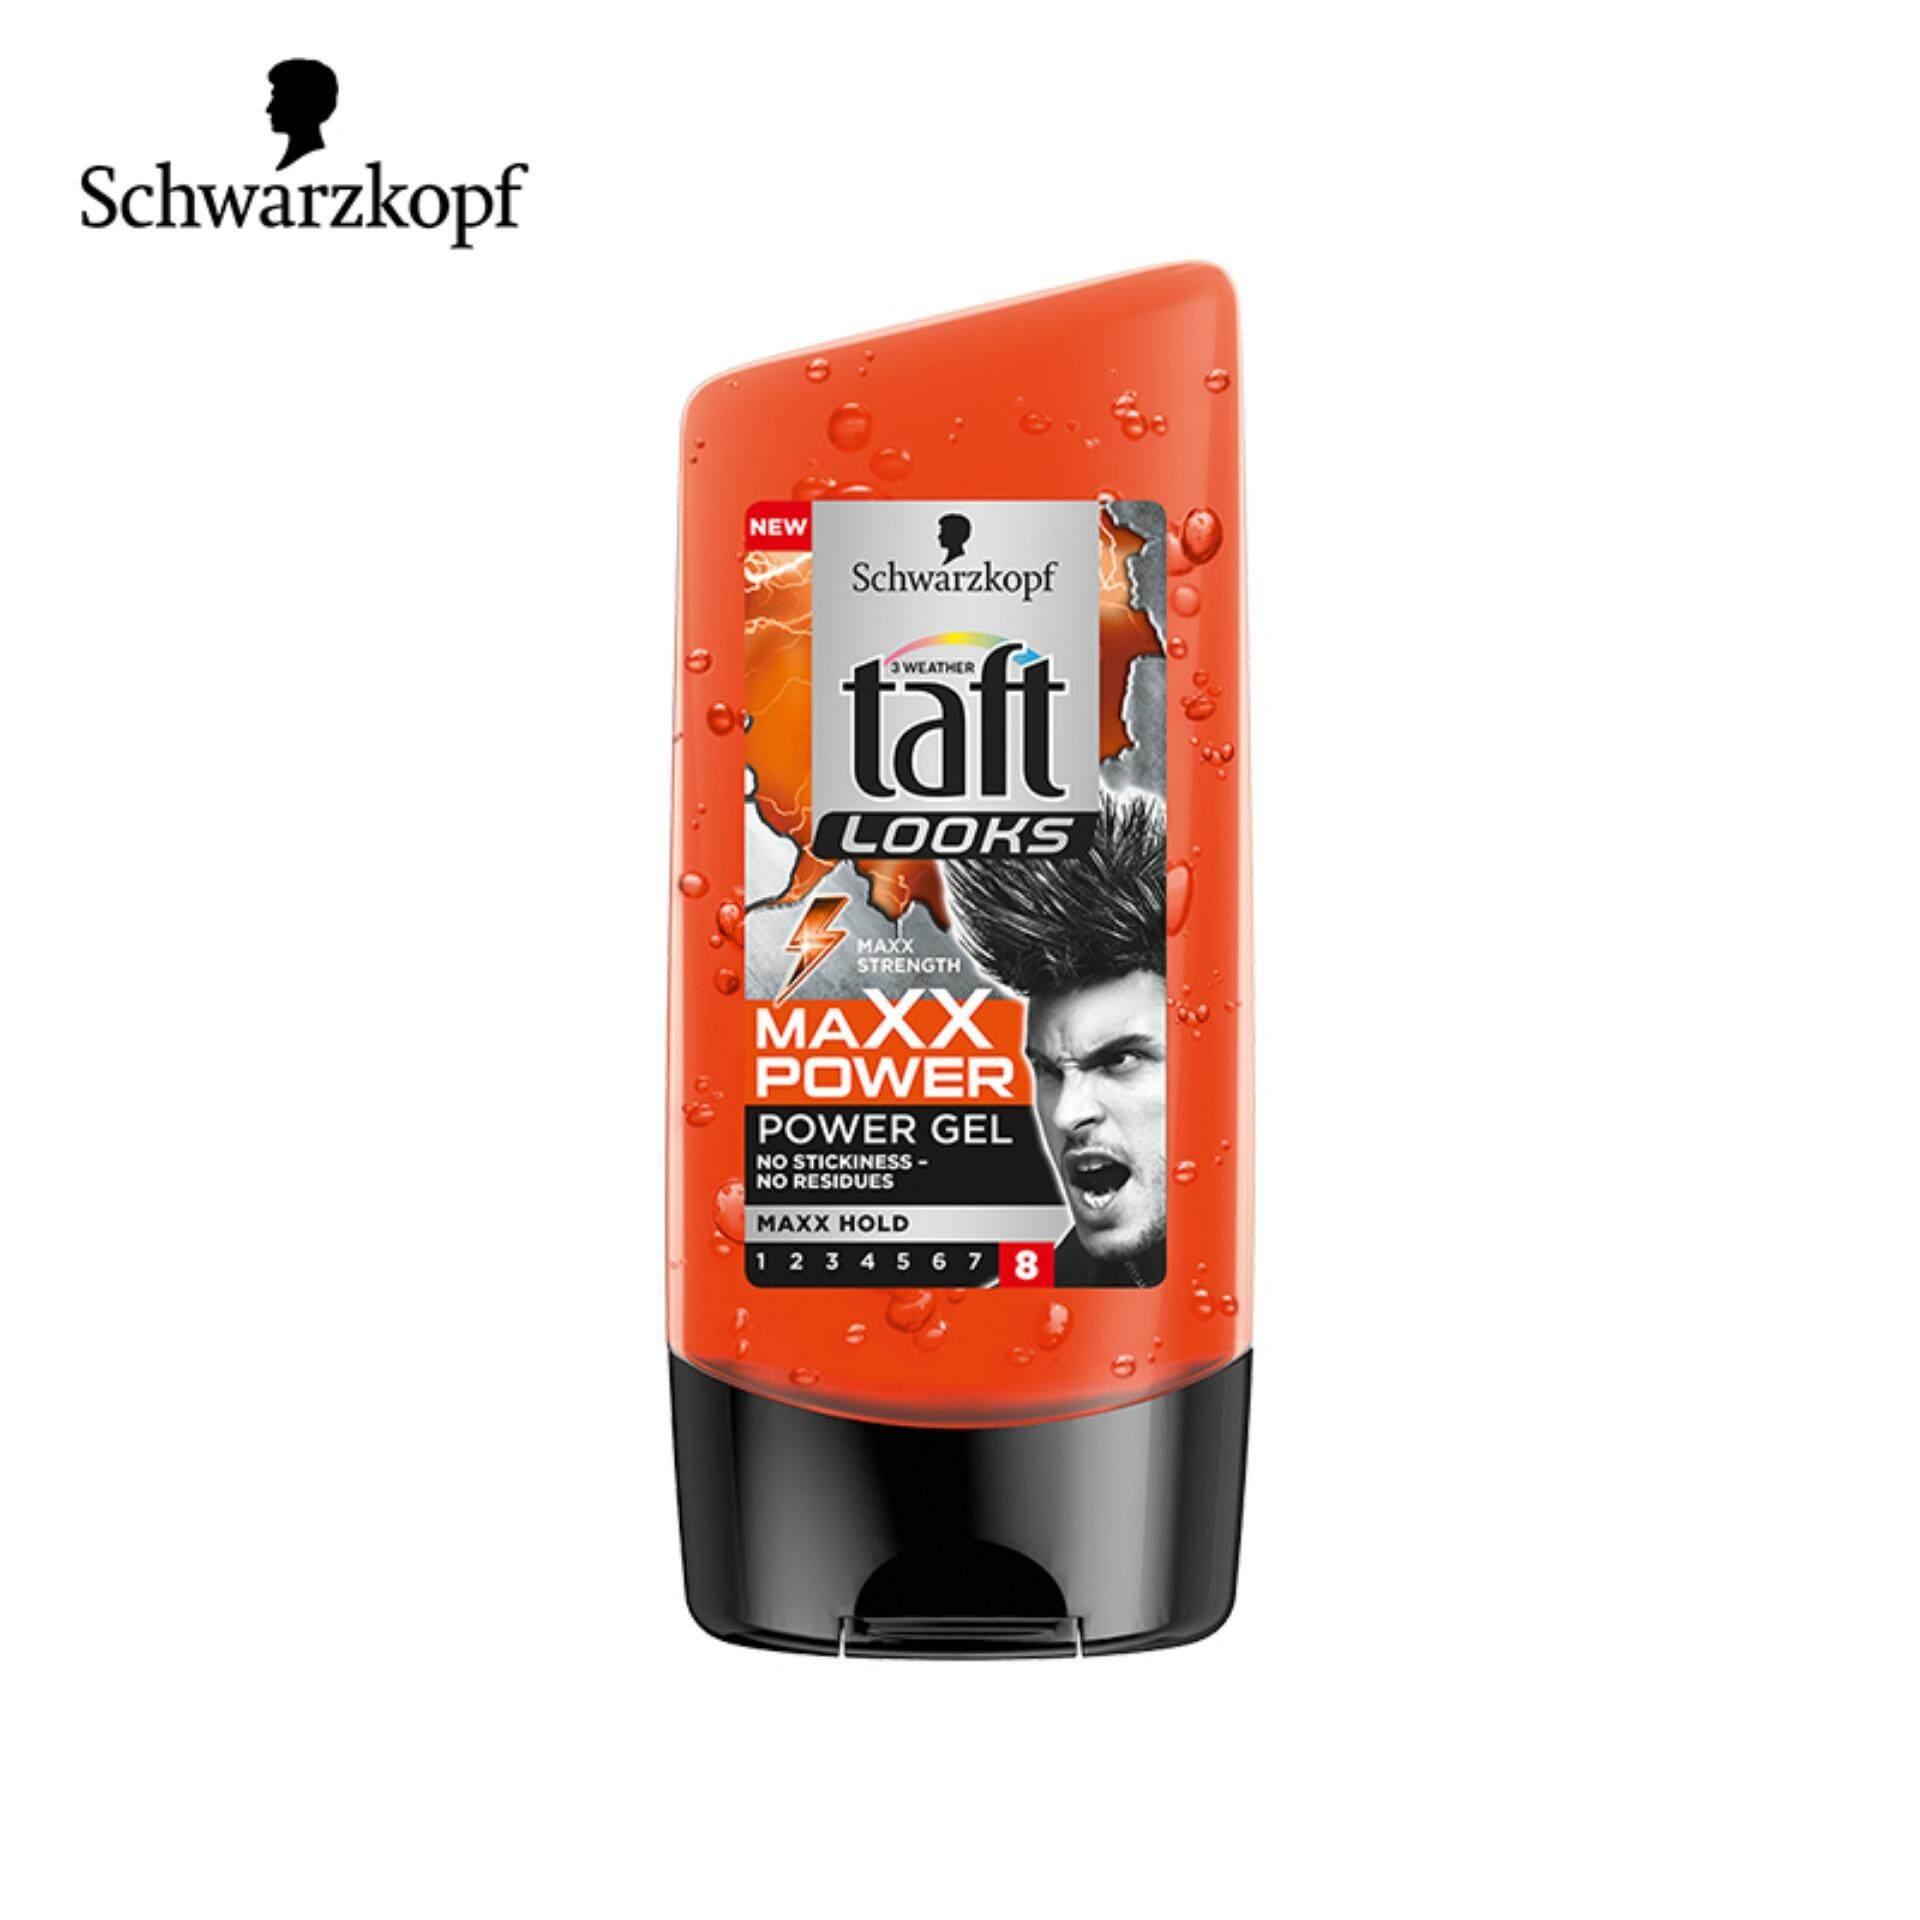 Schwarzkopf Taft Looks Maxx Look Power Gel 150 Ml. ชวาร์สคอฟ ทัฟท์ เจลจัดแต่งทรงผม สูตรลุคแม็กซ์พาวเวอร์ เจล 150 มล..